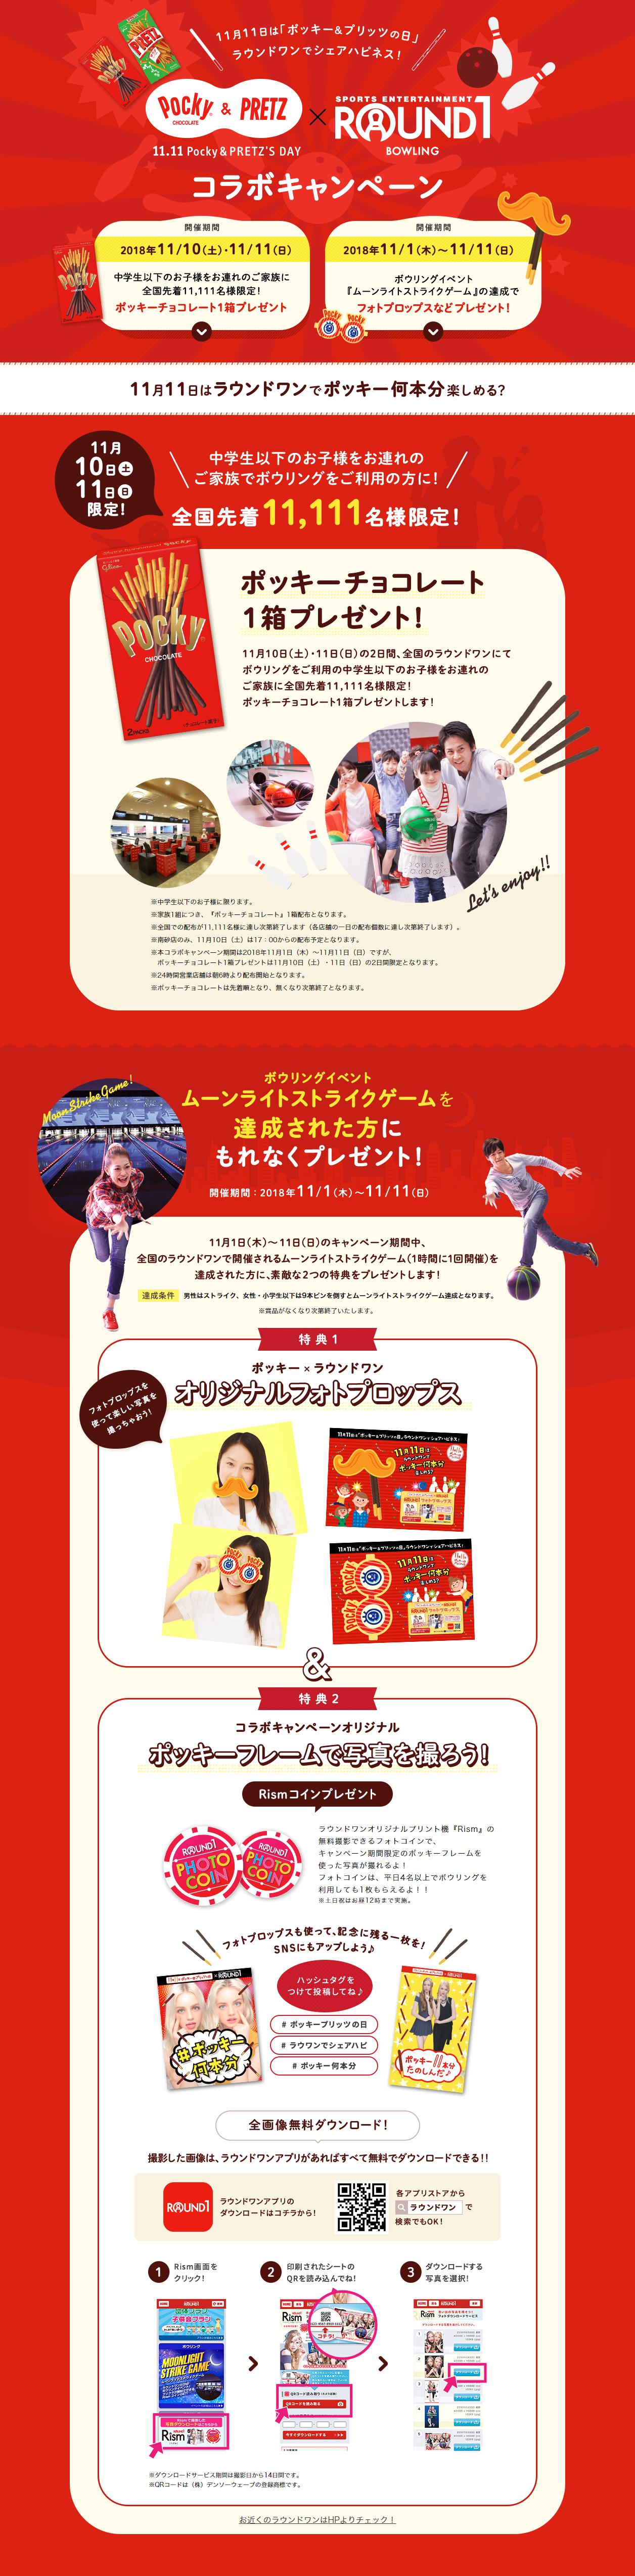 11月11日ポッキー プリッツの日 ラウンドワンコラボキャンペーン Lp デザイン Webデザイン プリッツ